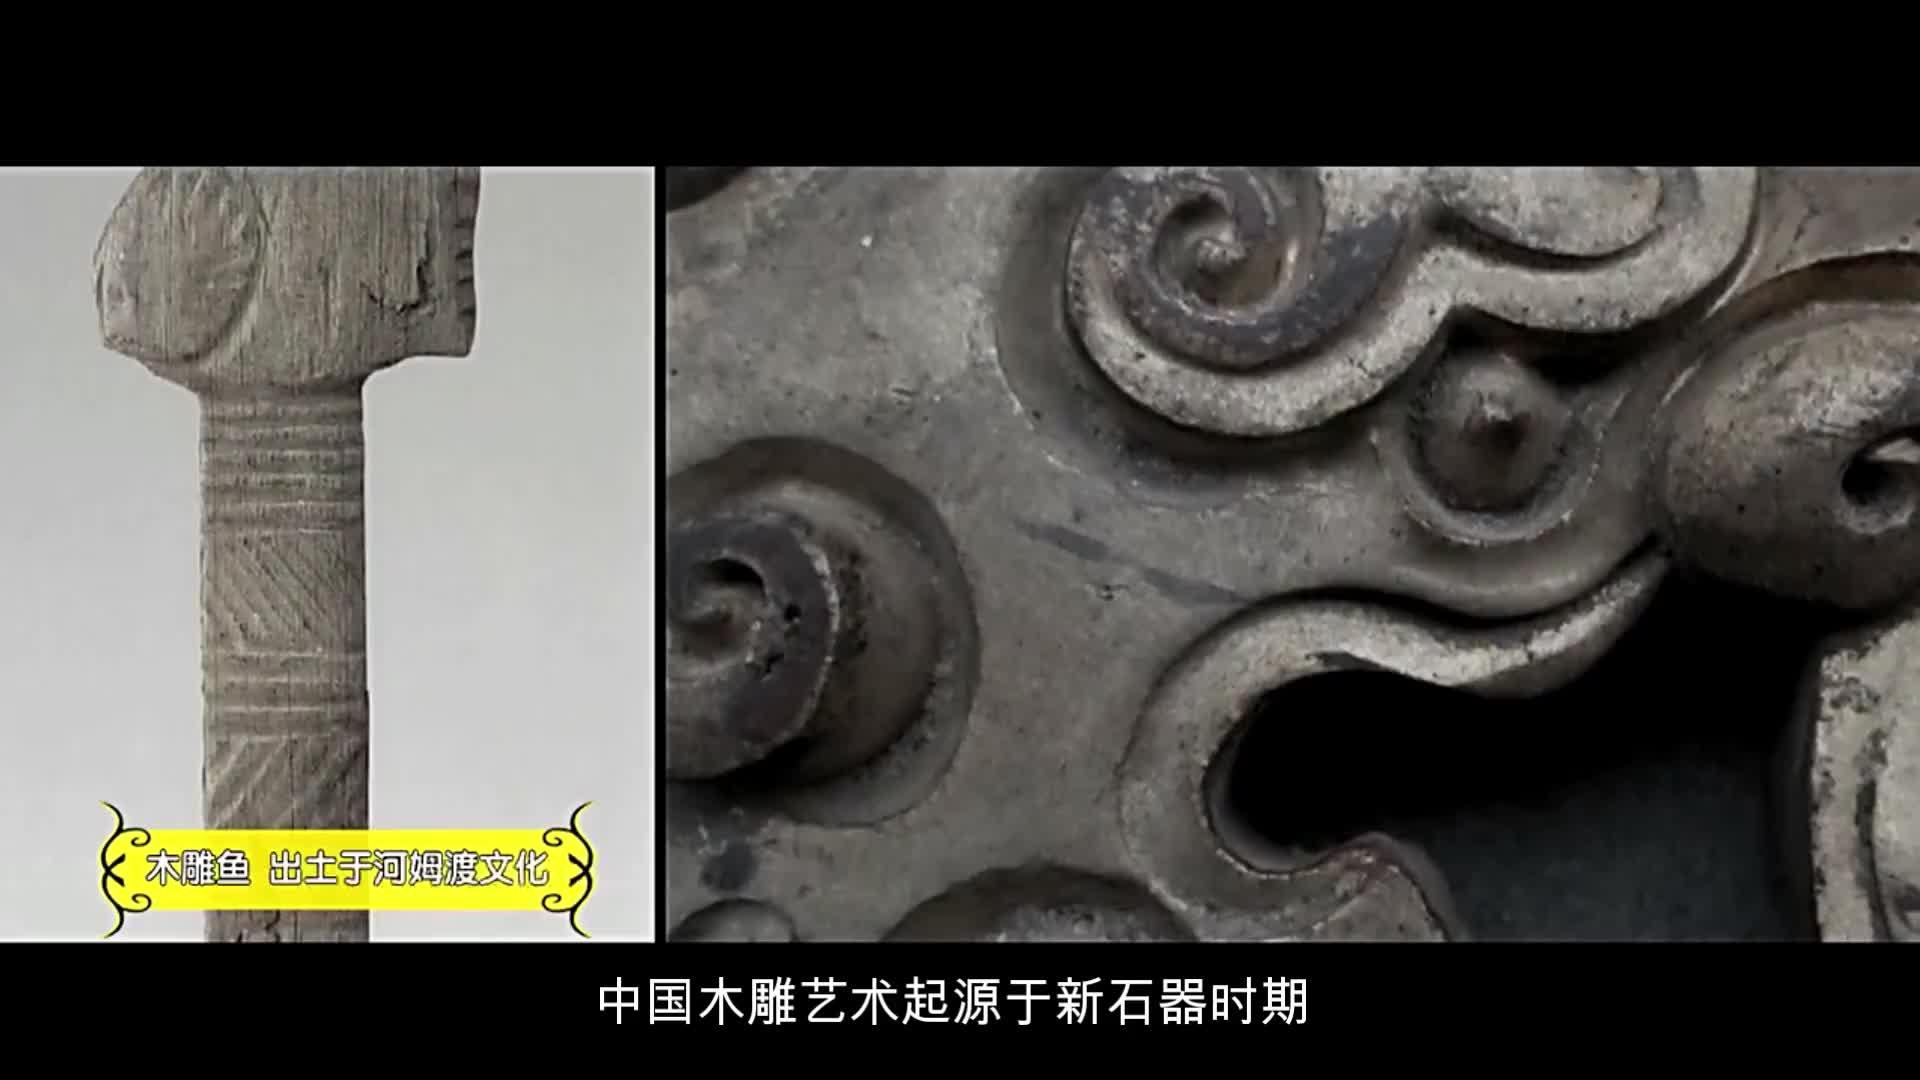 木雕艺术-艺术欣赏—中国民间艺术